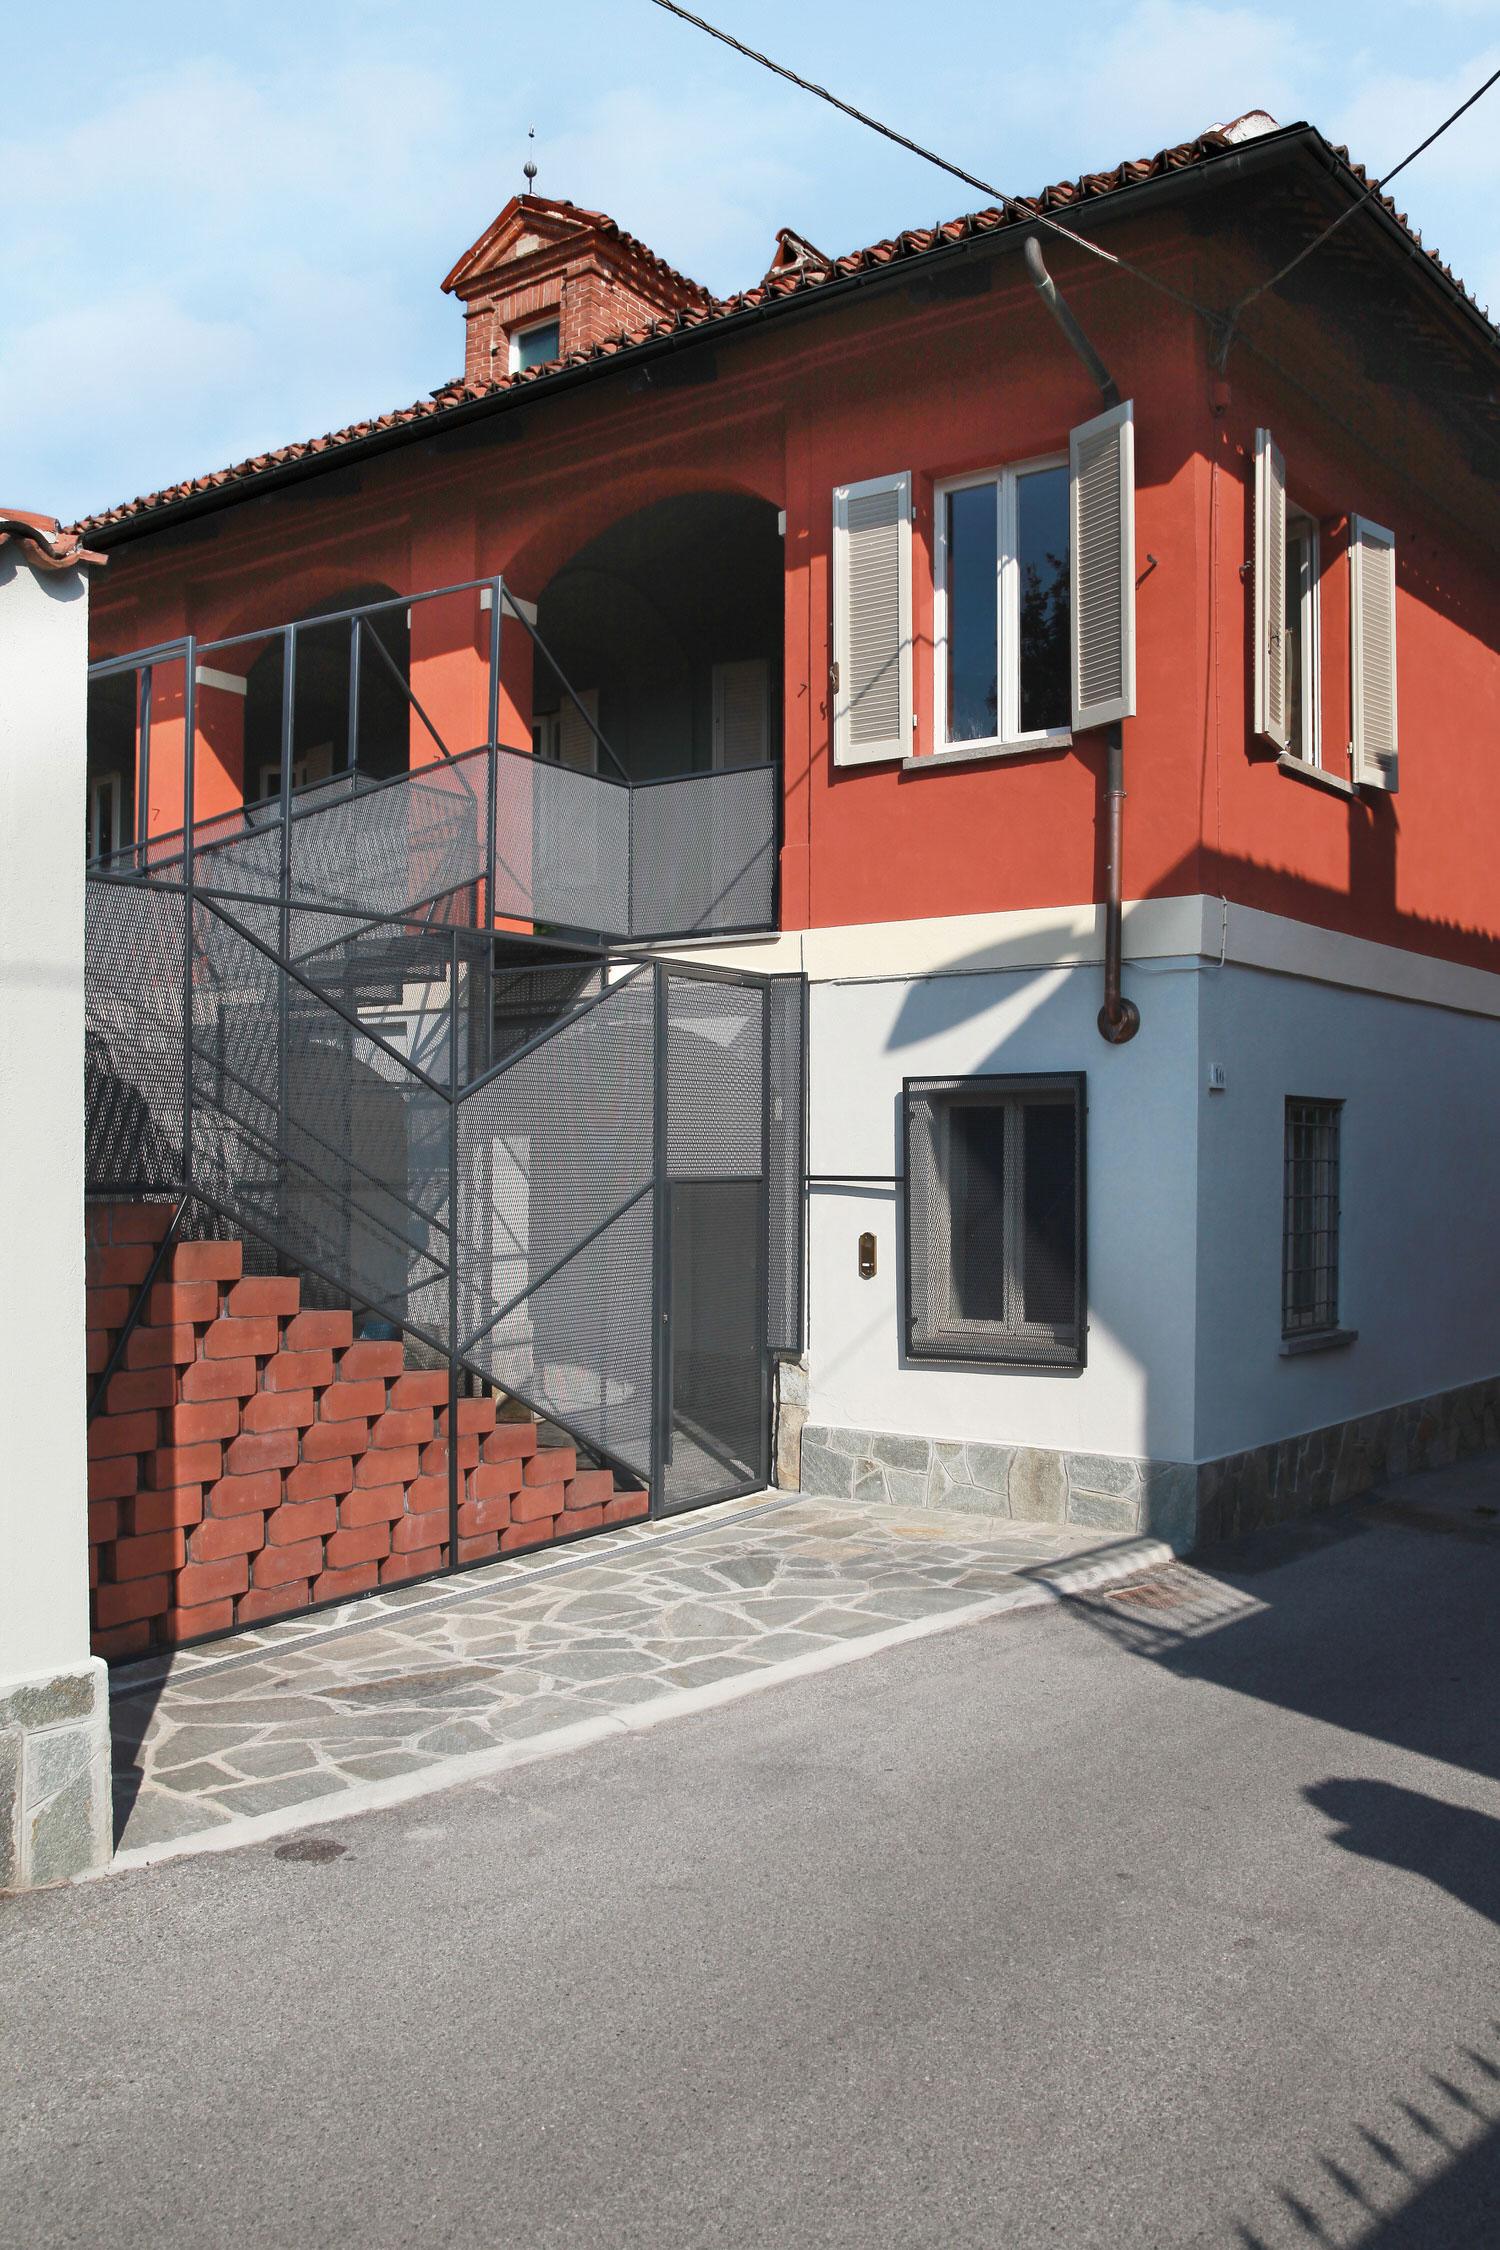 Marcante Testa Private House Renovation Cavallermaggiore Photo Carola Ripamonti Yellowtrace 01